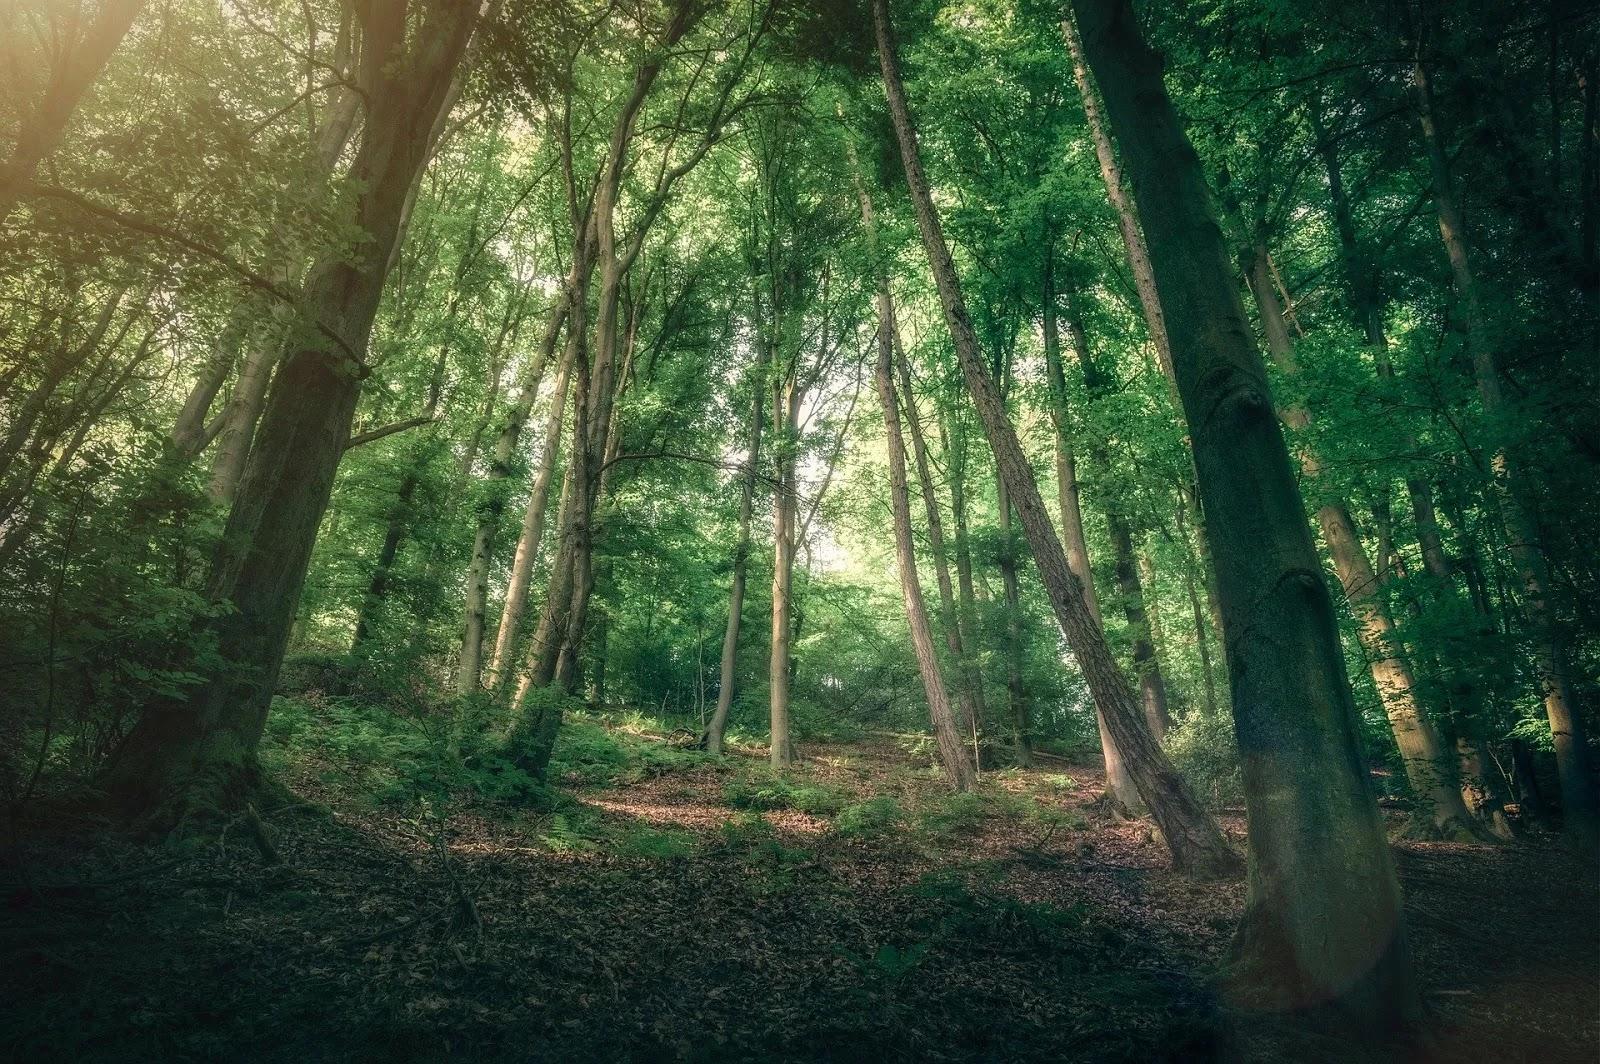 خلفيات مناظر طبيعية لغابات 2020